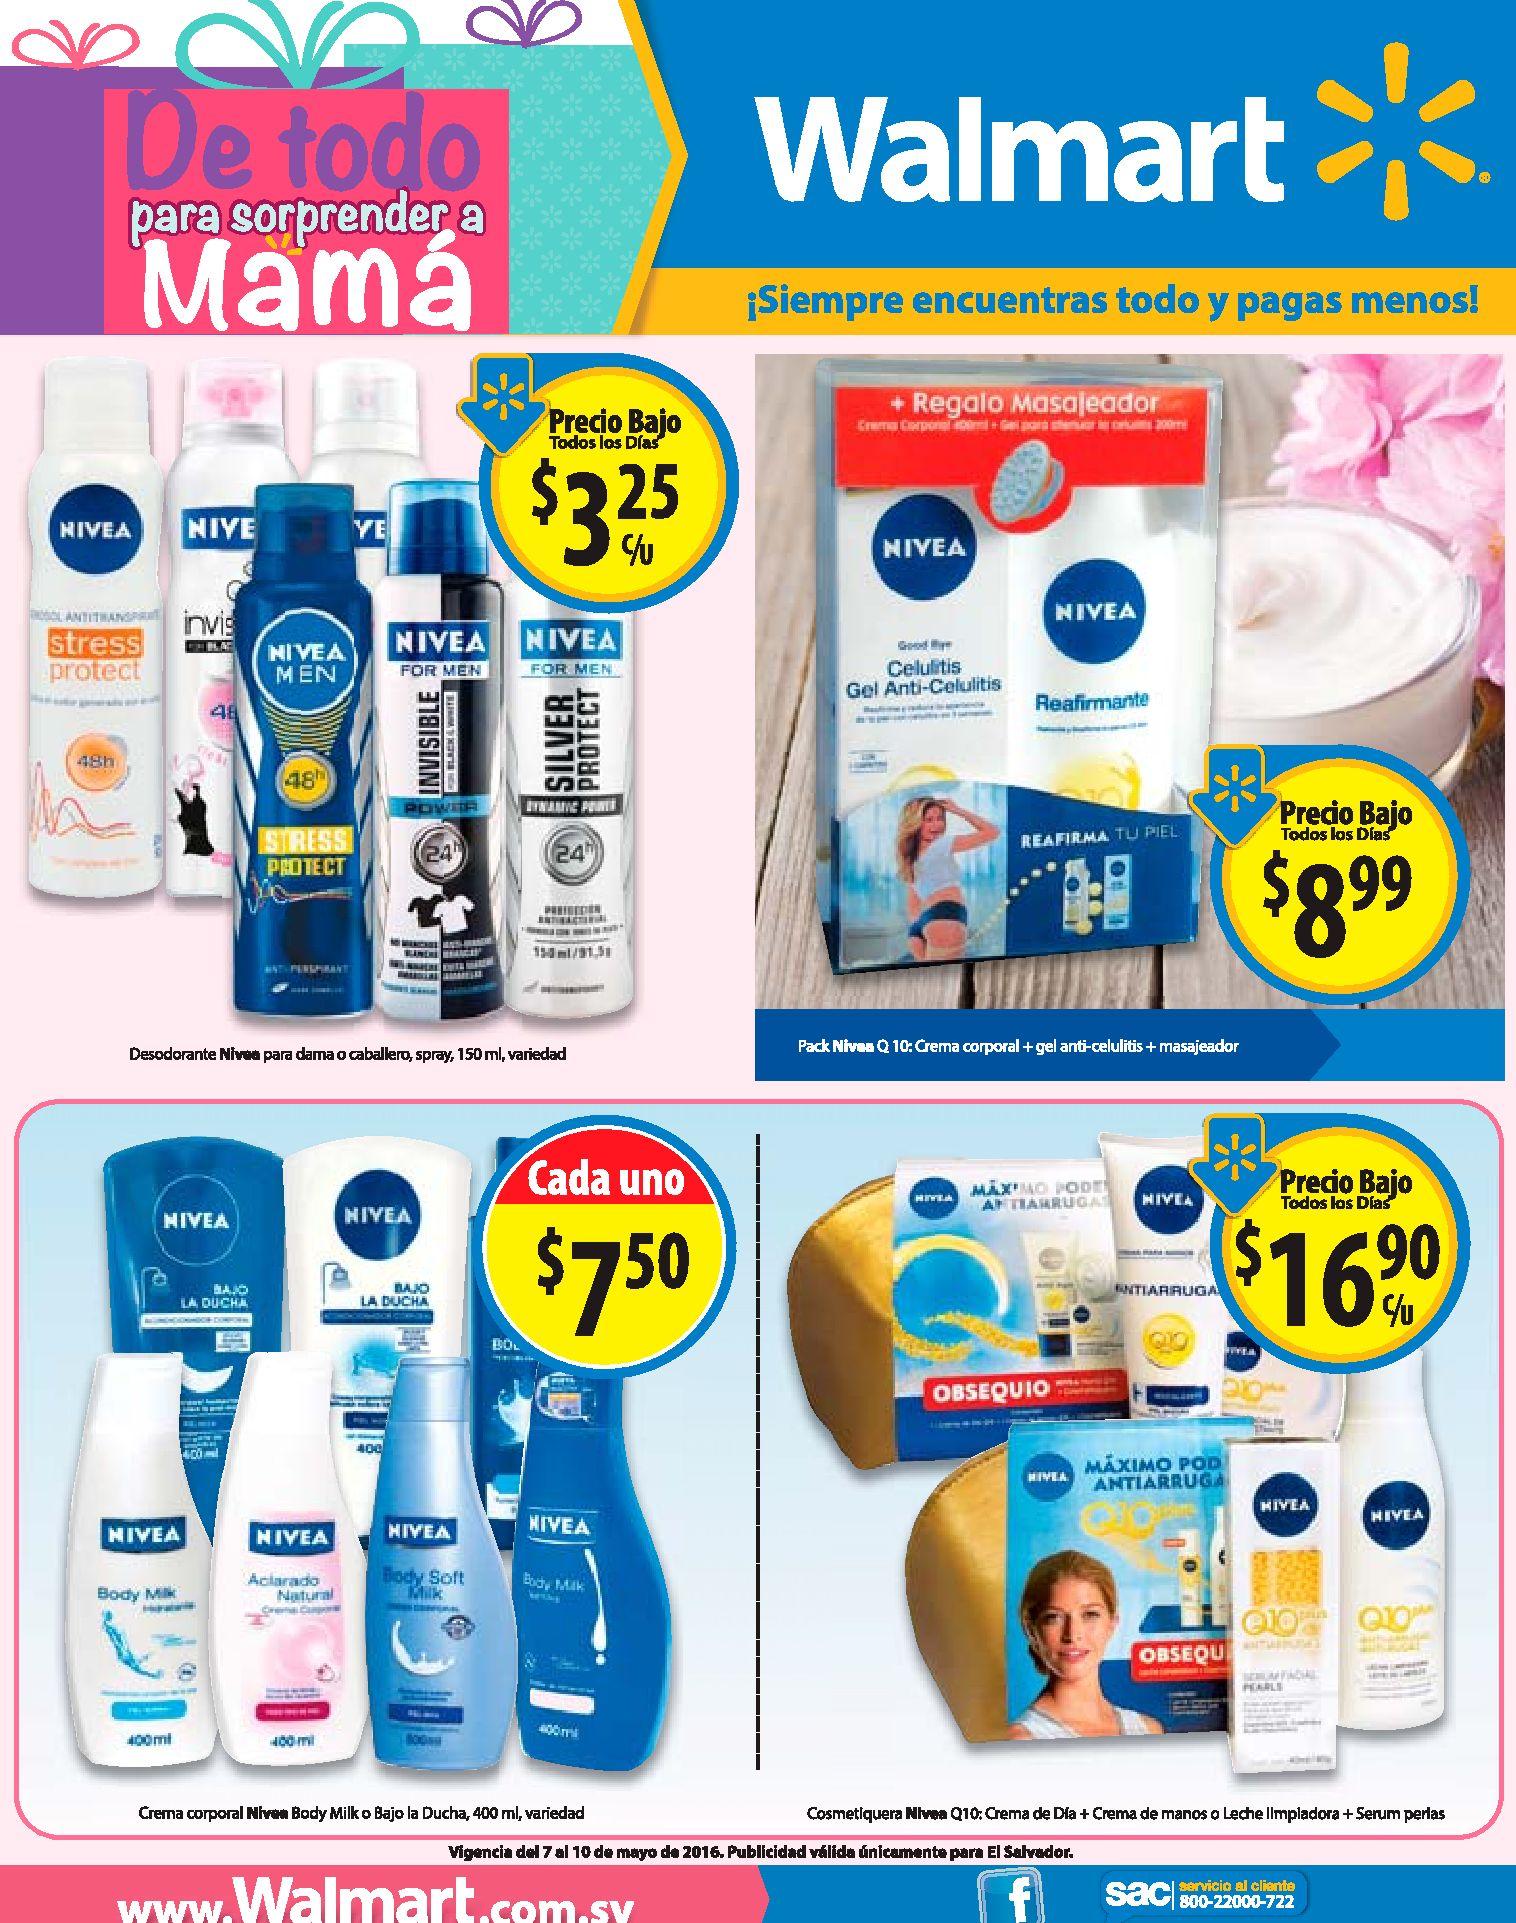 Producto NIVEA en ofertas en almacenes WALMART - 07may16